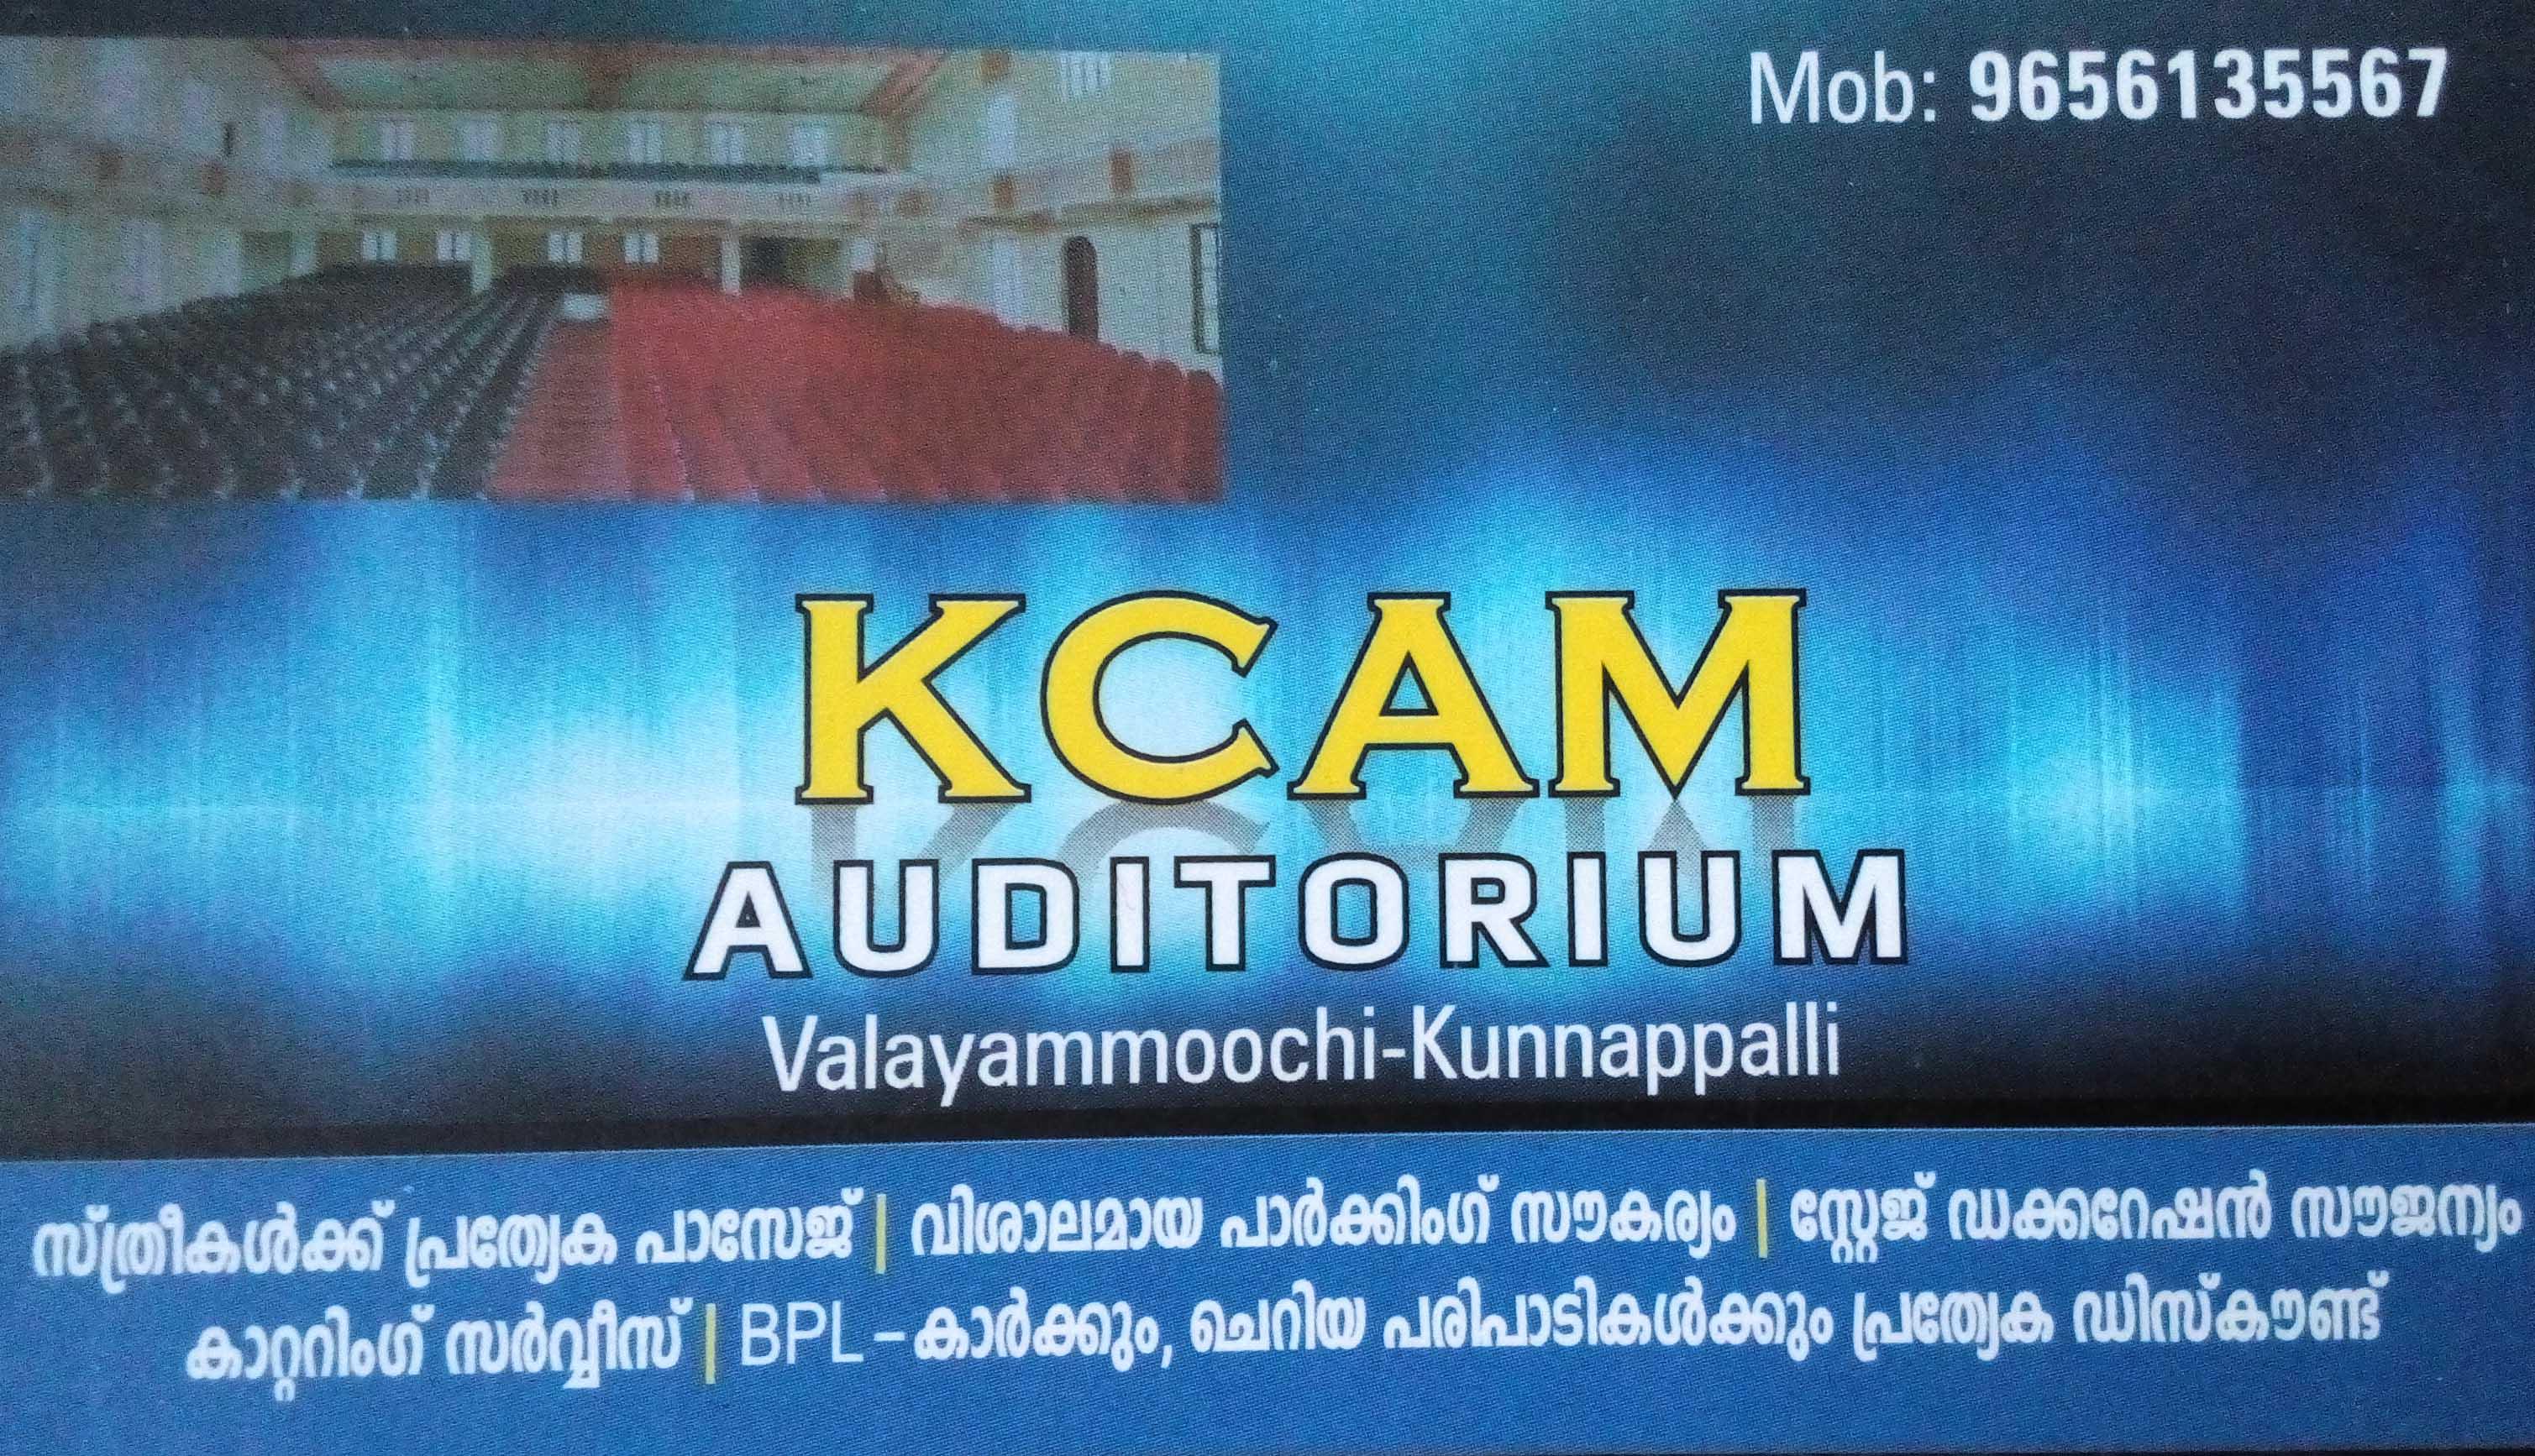 KCAM Auditorium